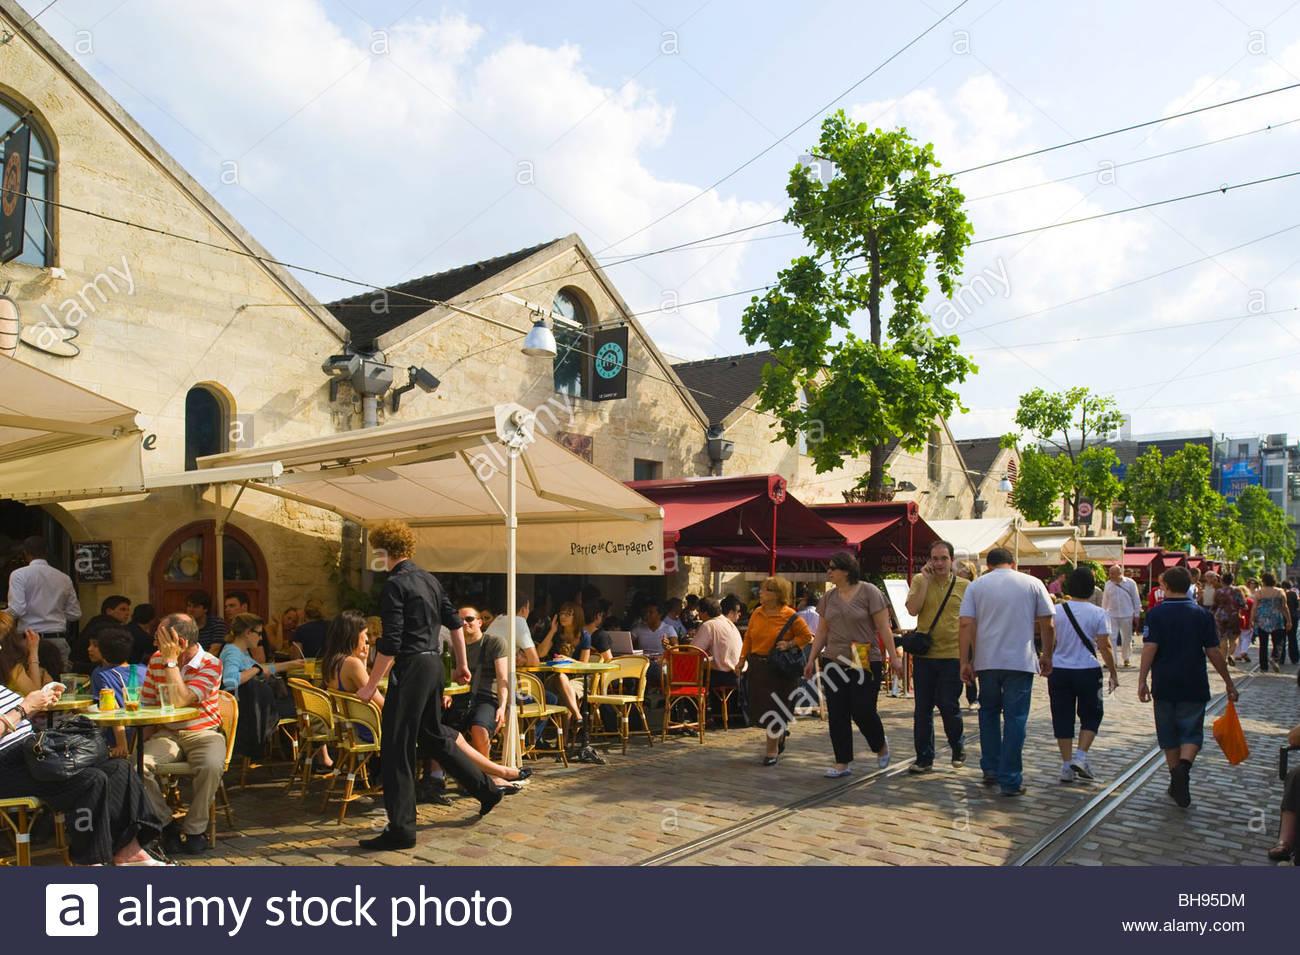 Paris, Parc de Bercy - Stock Image